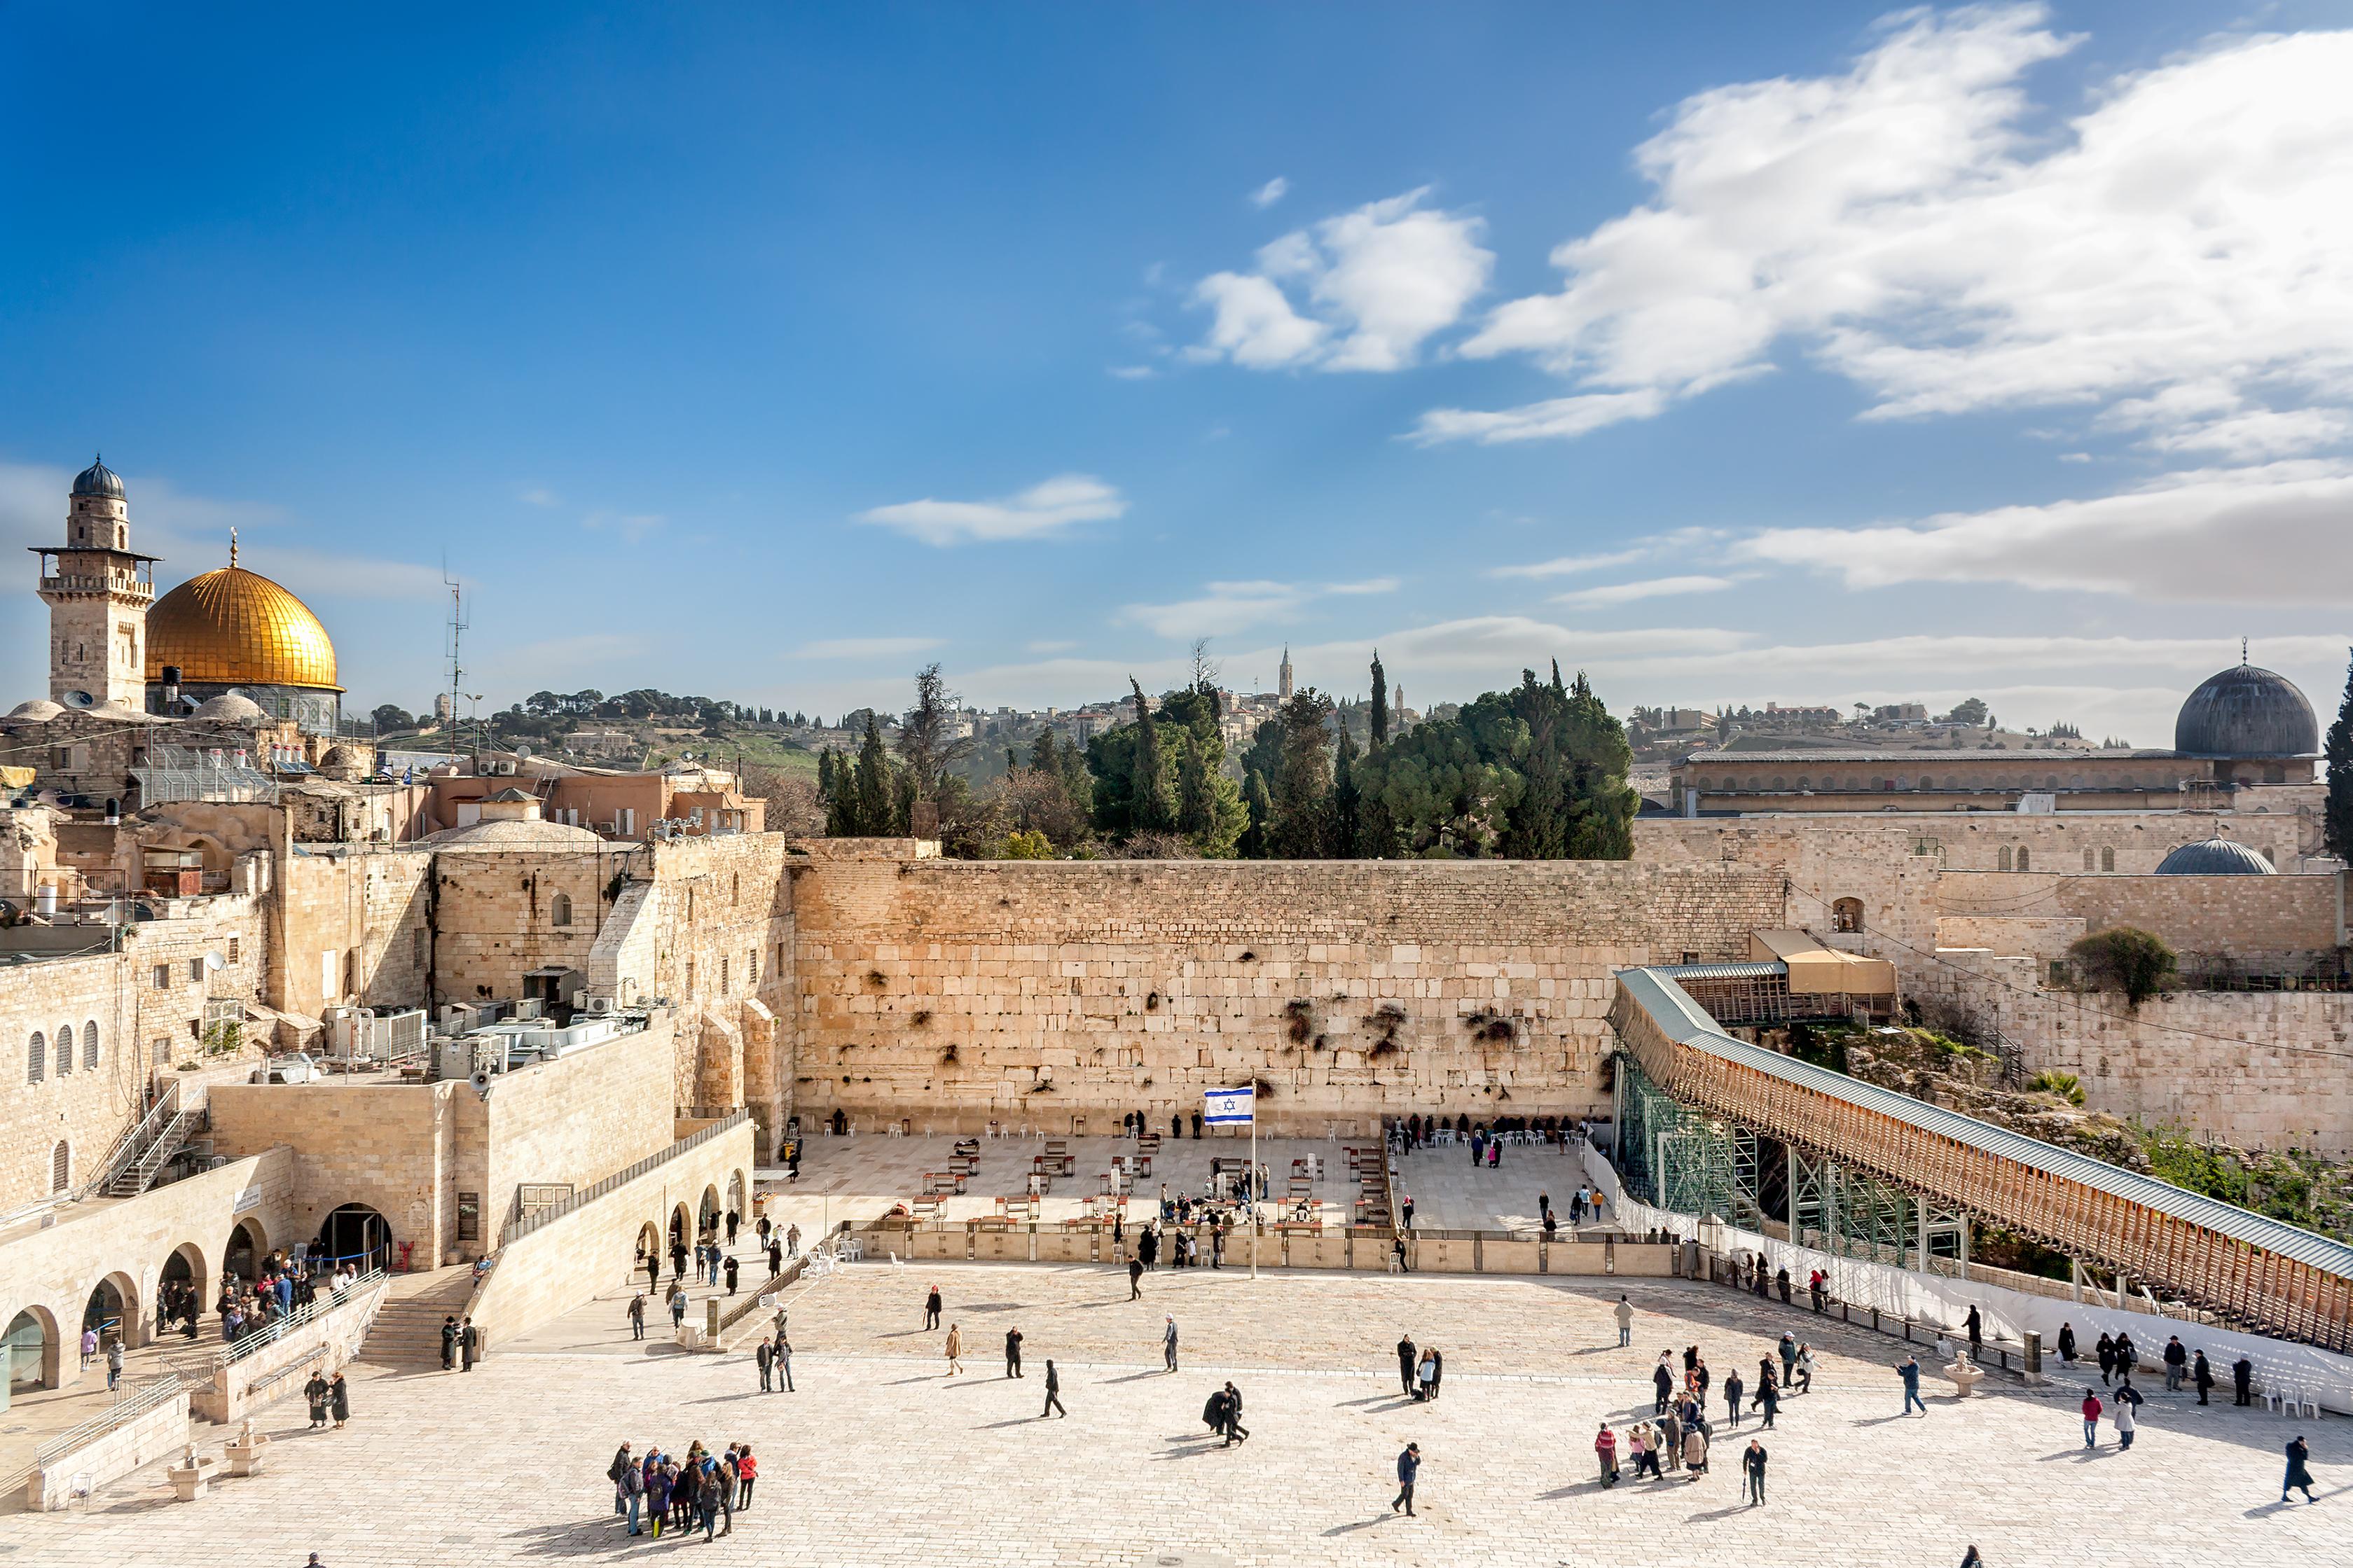 Medita frente al Muro de las Lamentaciones - Jordania Circuito Jordania e Israel: dos países, tres religiones